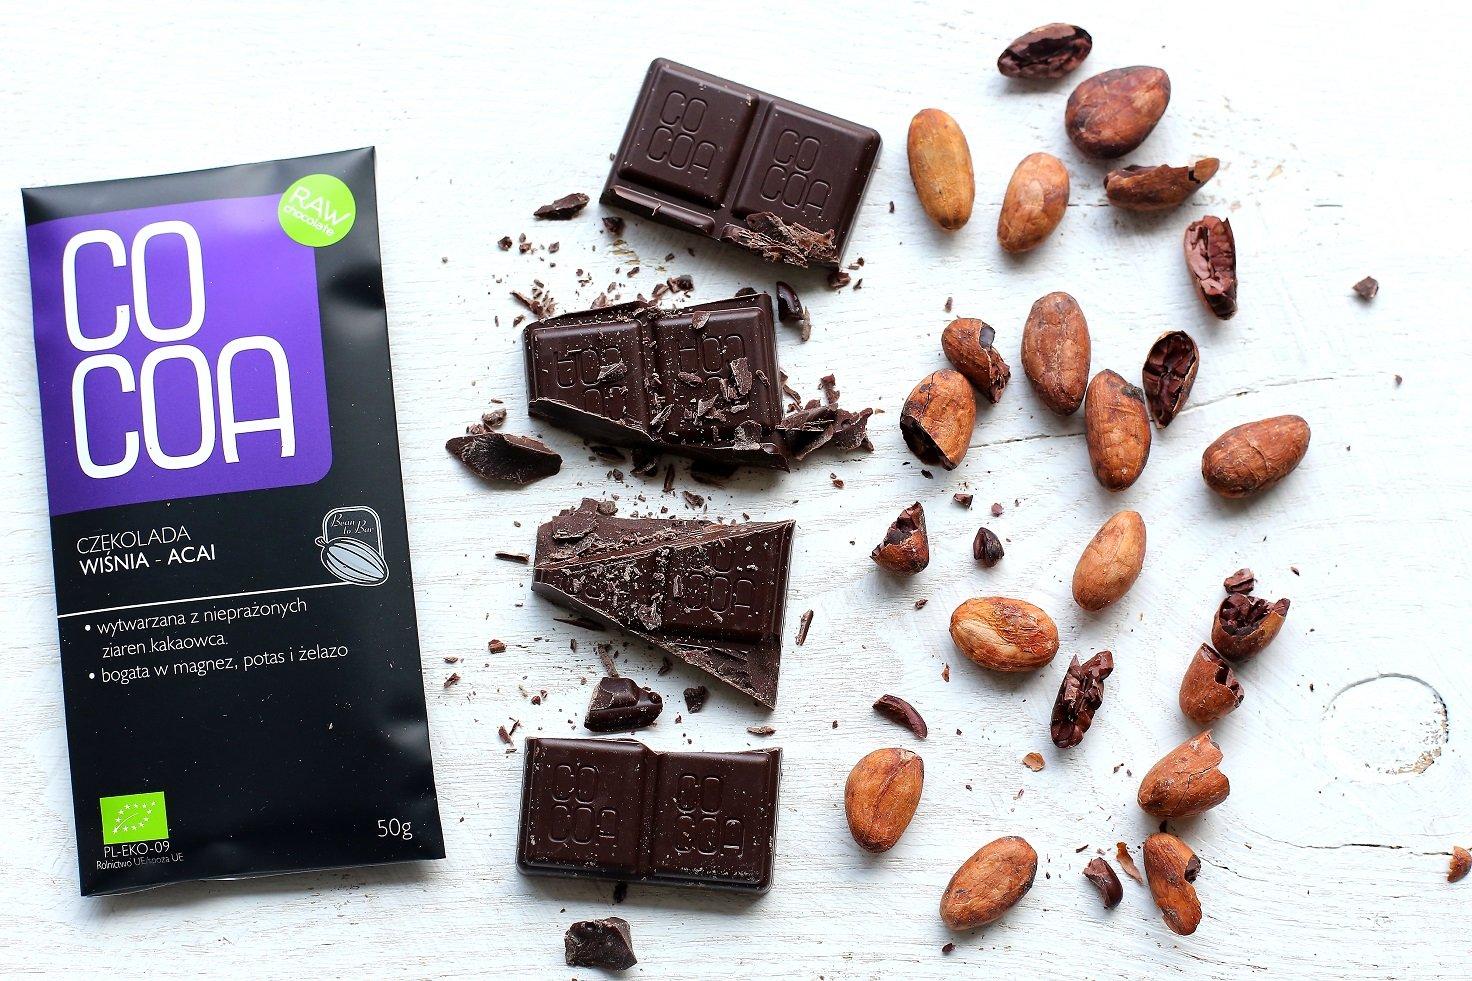 Cocoa - Barra Chocolate negro Bio Açai cereza: Amazon.es: Salud y cuidado personal